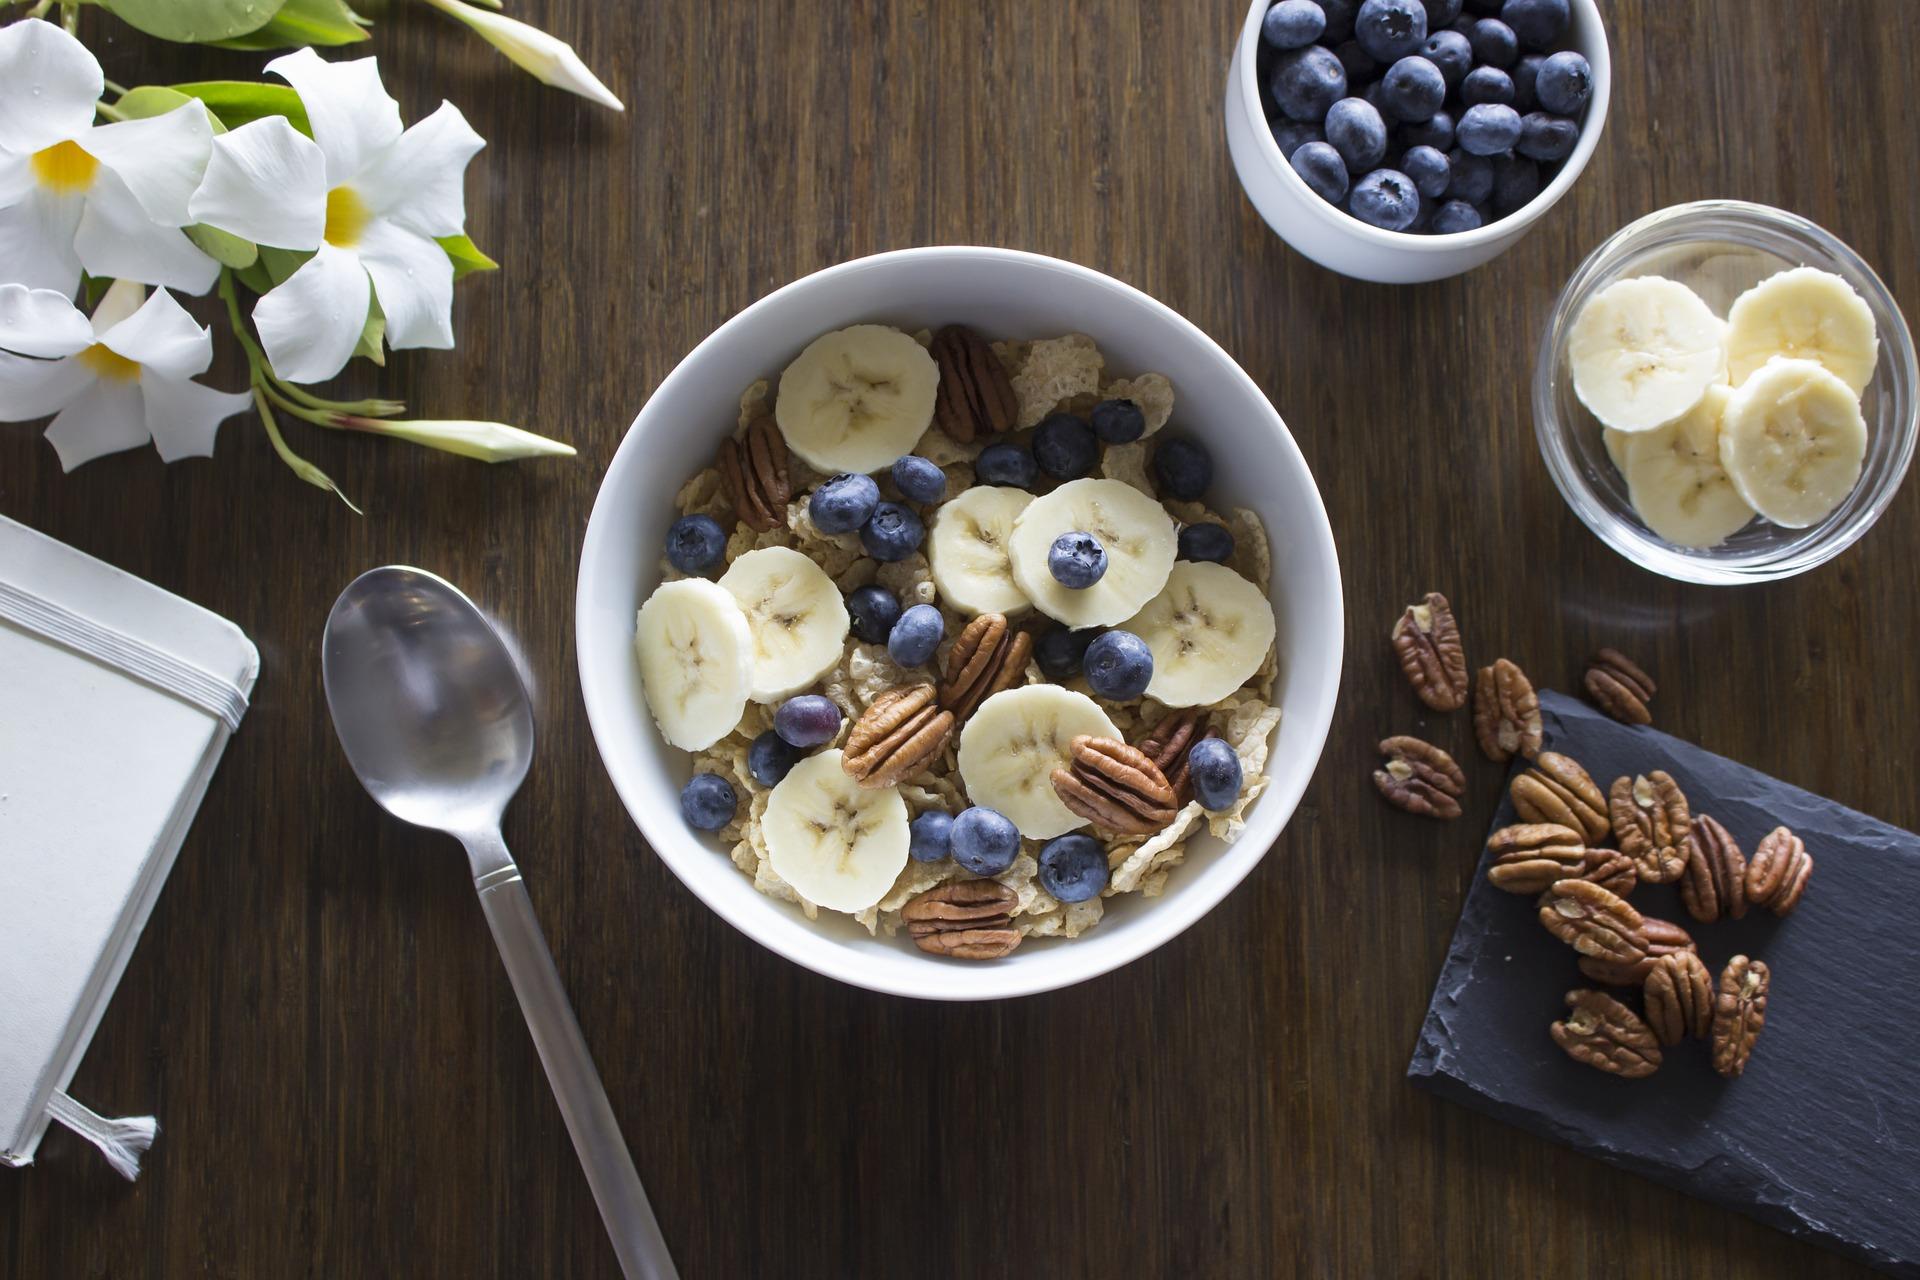 Un buen desayuno siempre contiene fruta y cereales